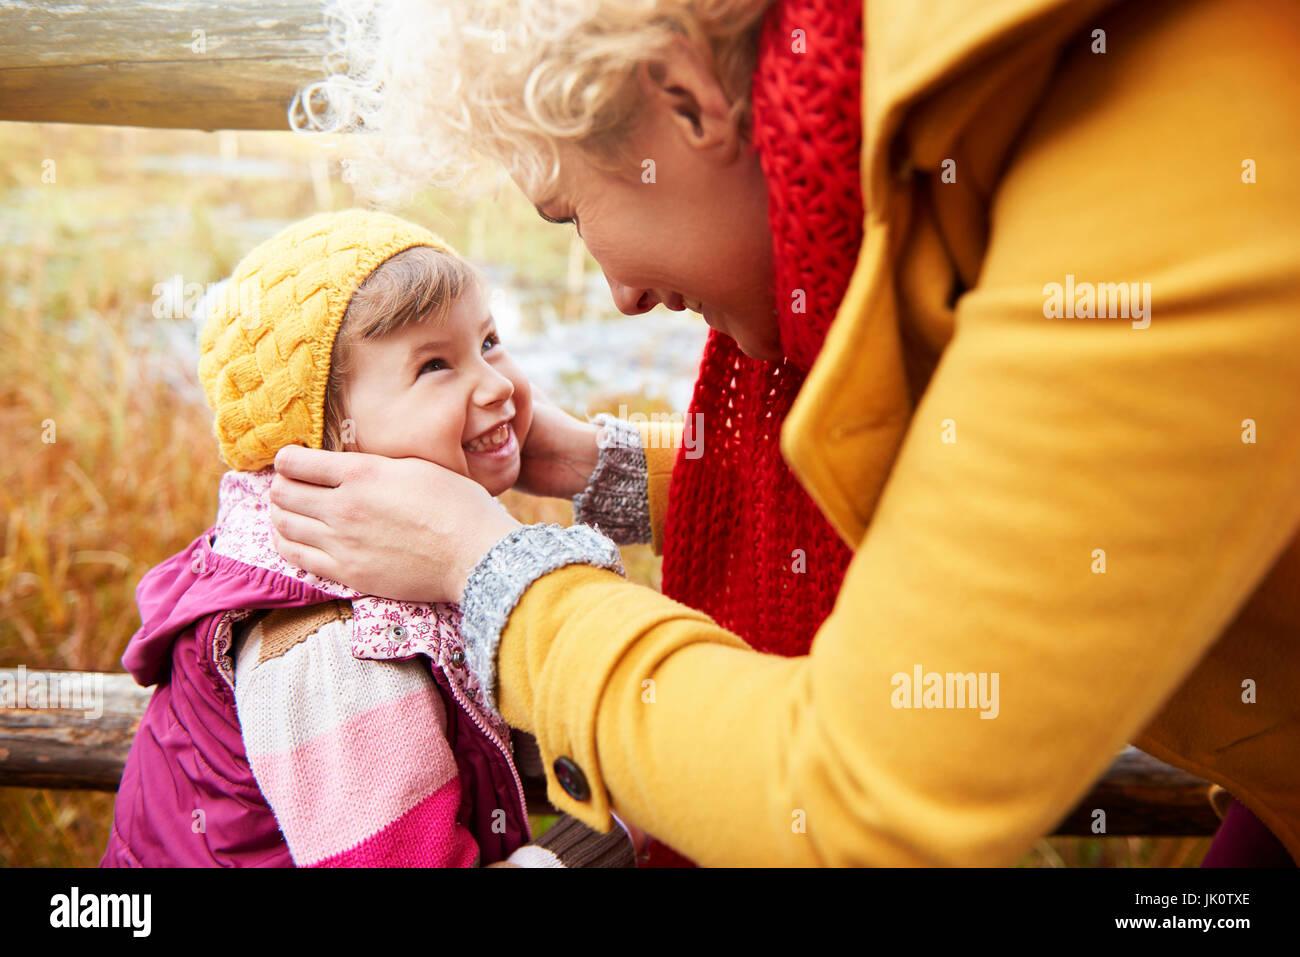 Mutter streicheln kalt Töchter Wangen Stockfoto